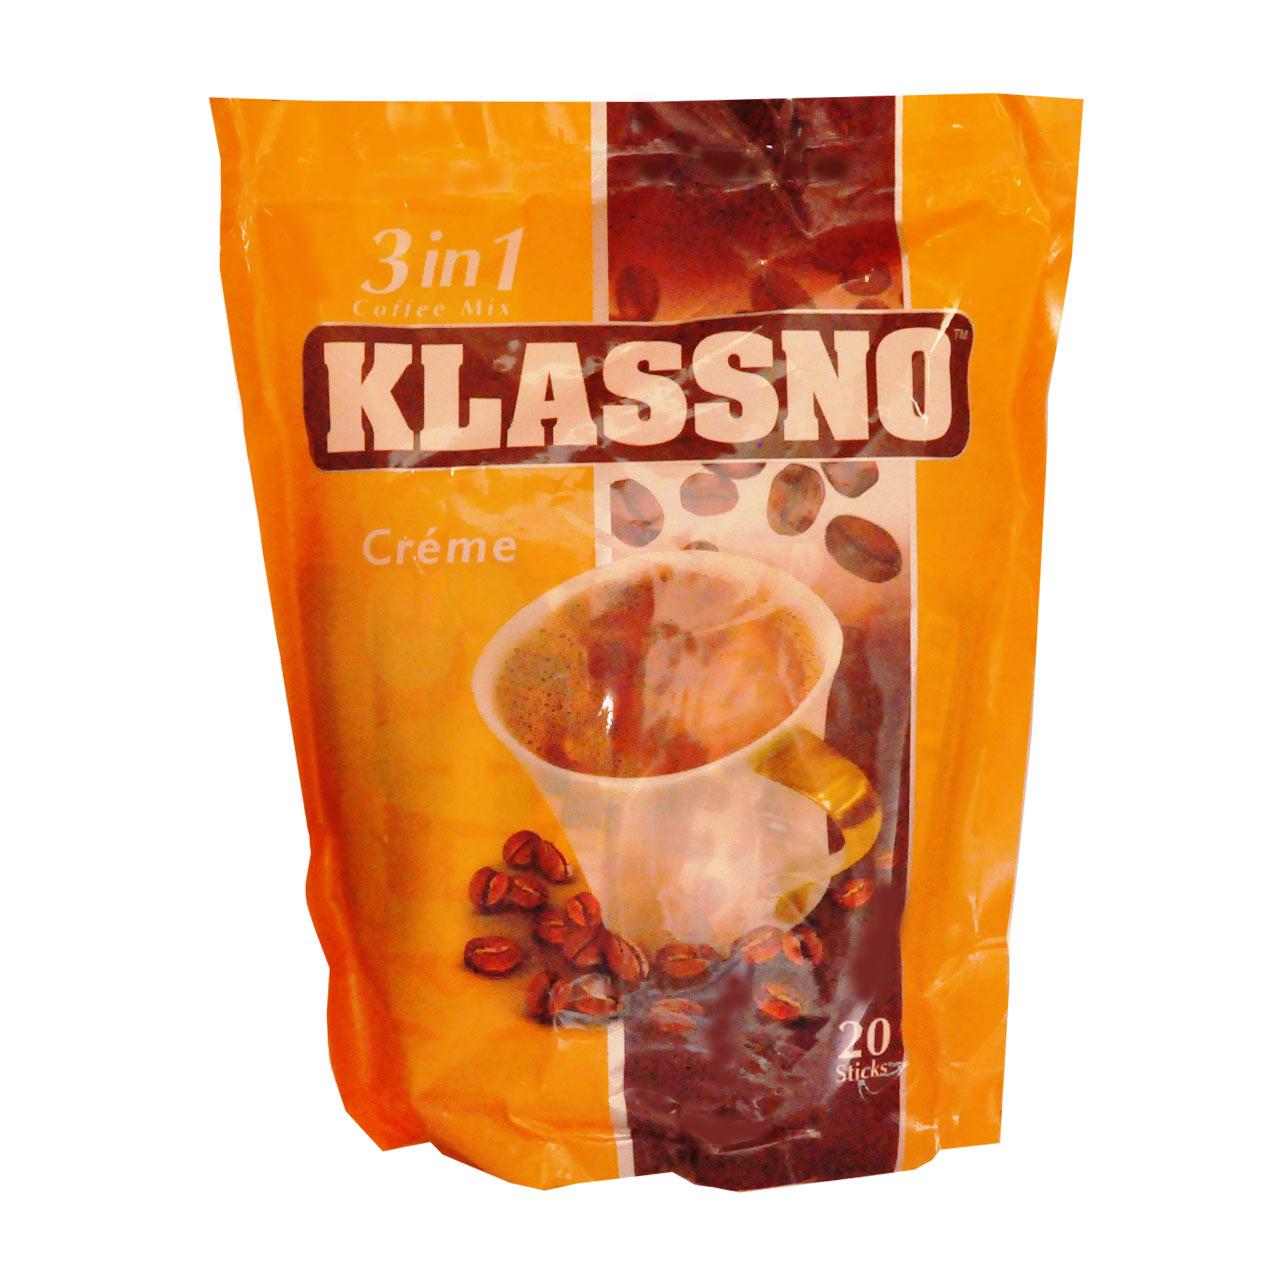 قهوه فوری کلاسنو ۳ در ۱ کرمدار – klassno